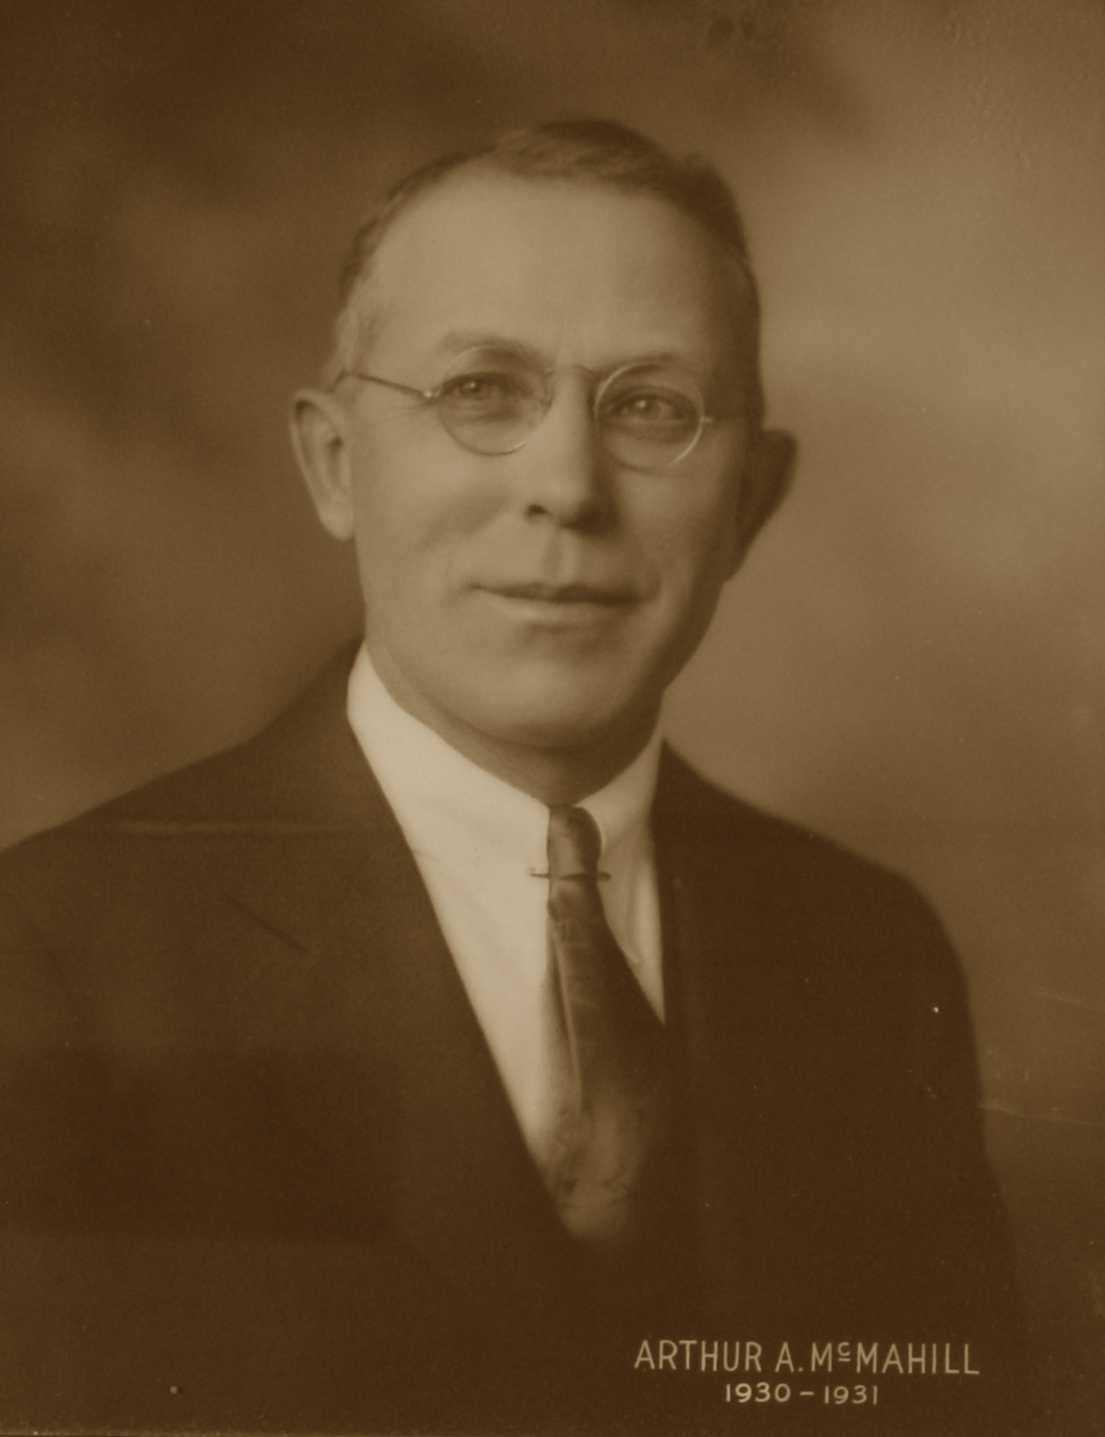 Arthur A. McMahill, 1930-1931